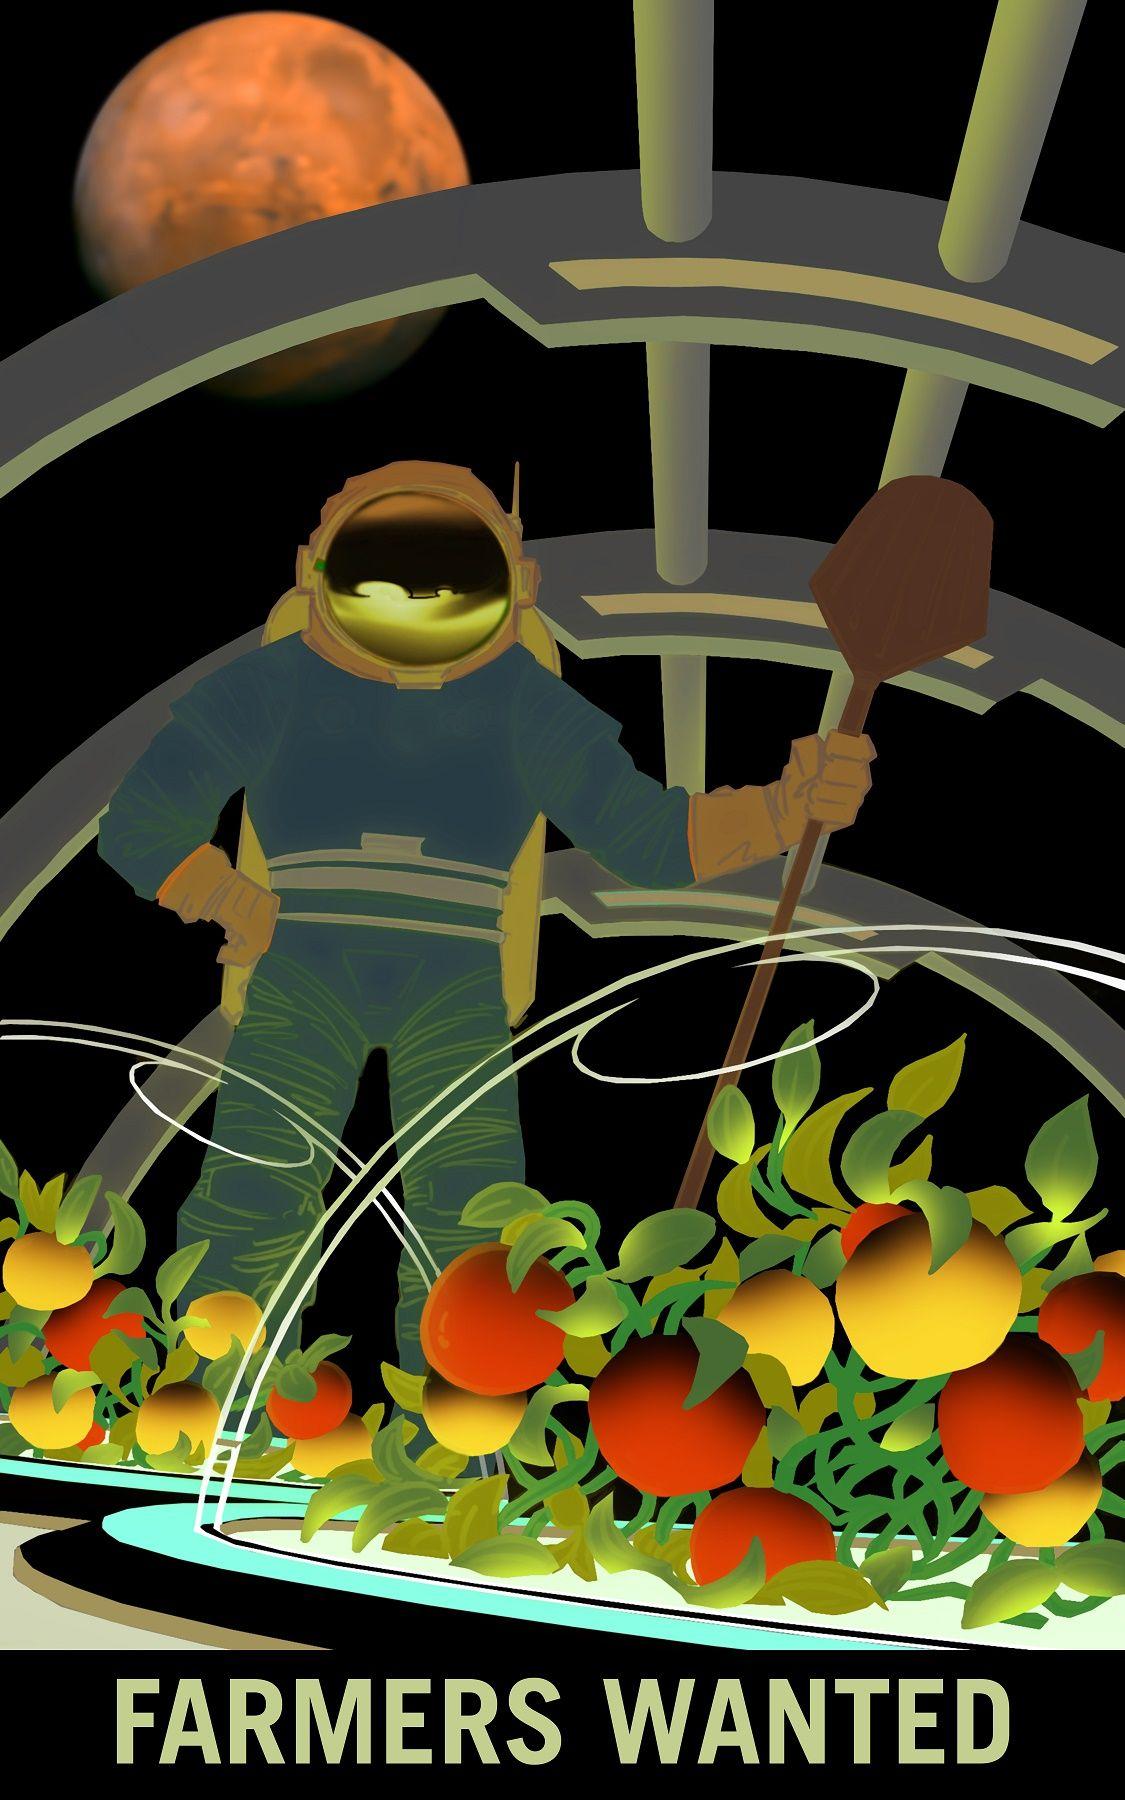 Mars farmers wanted NASA